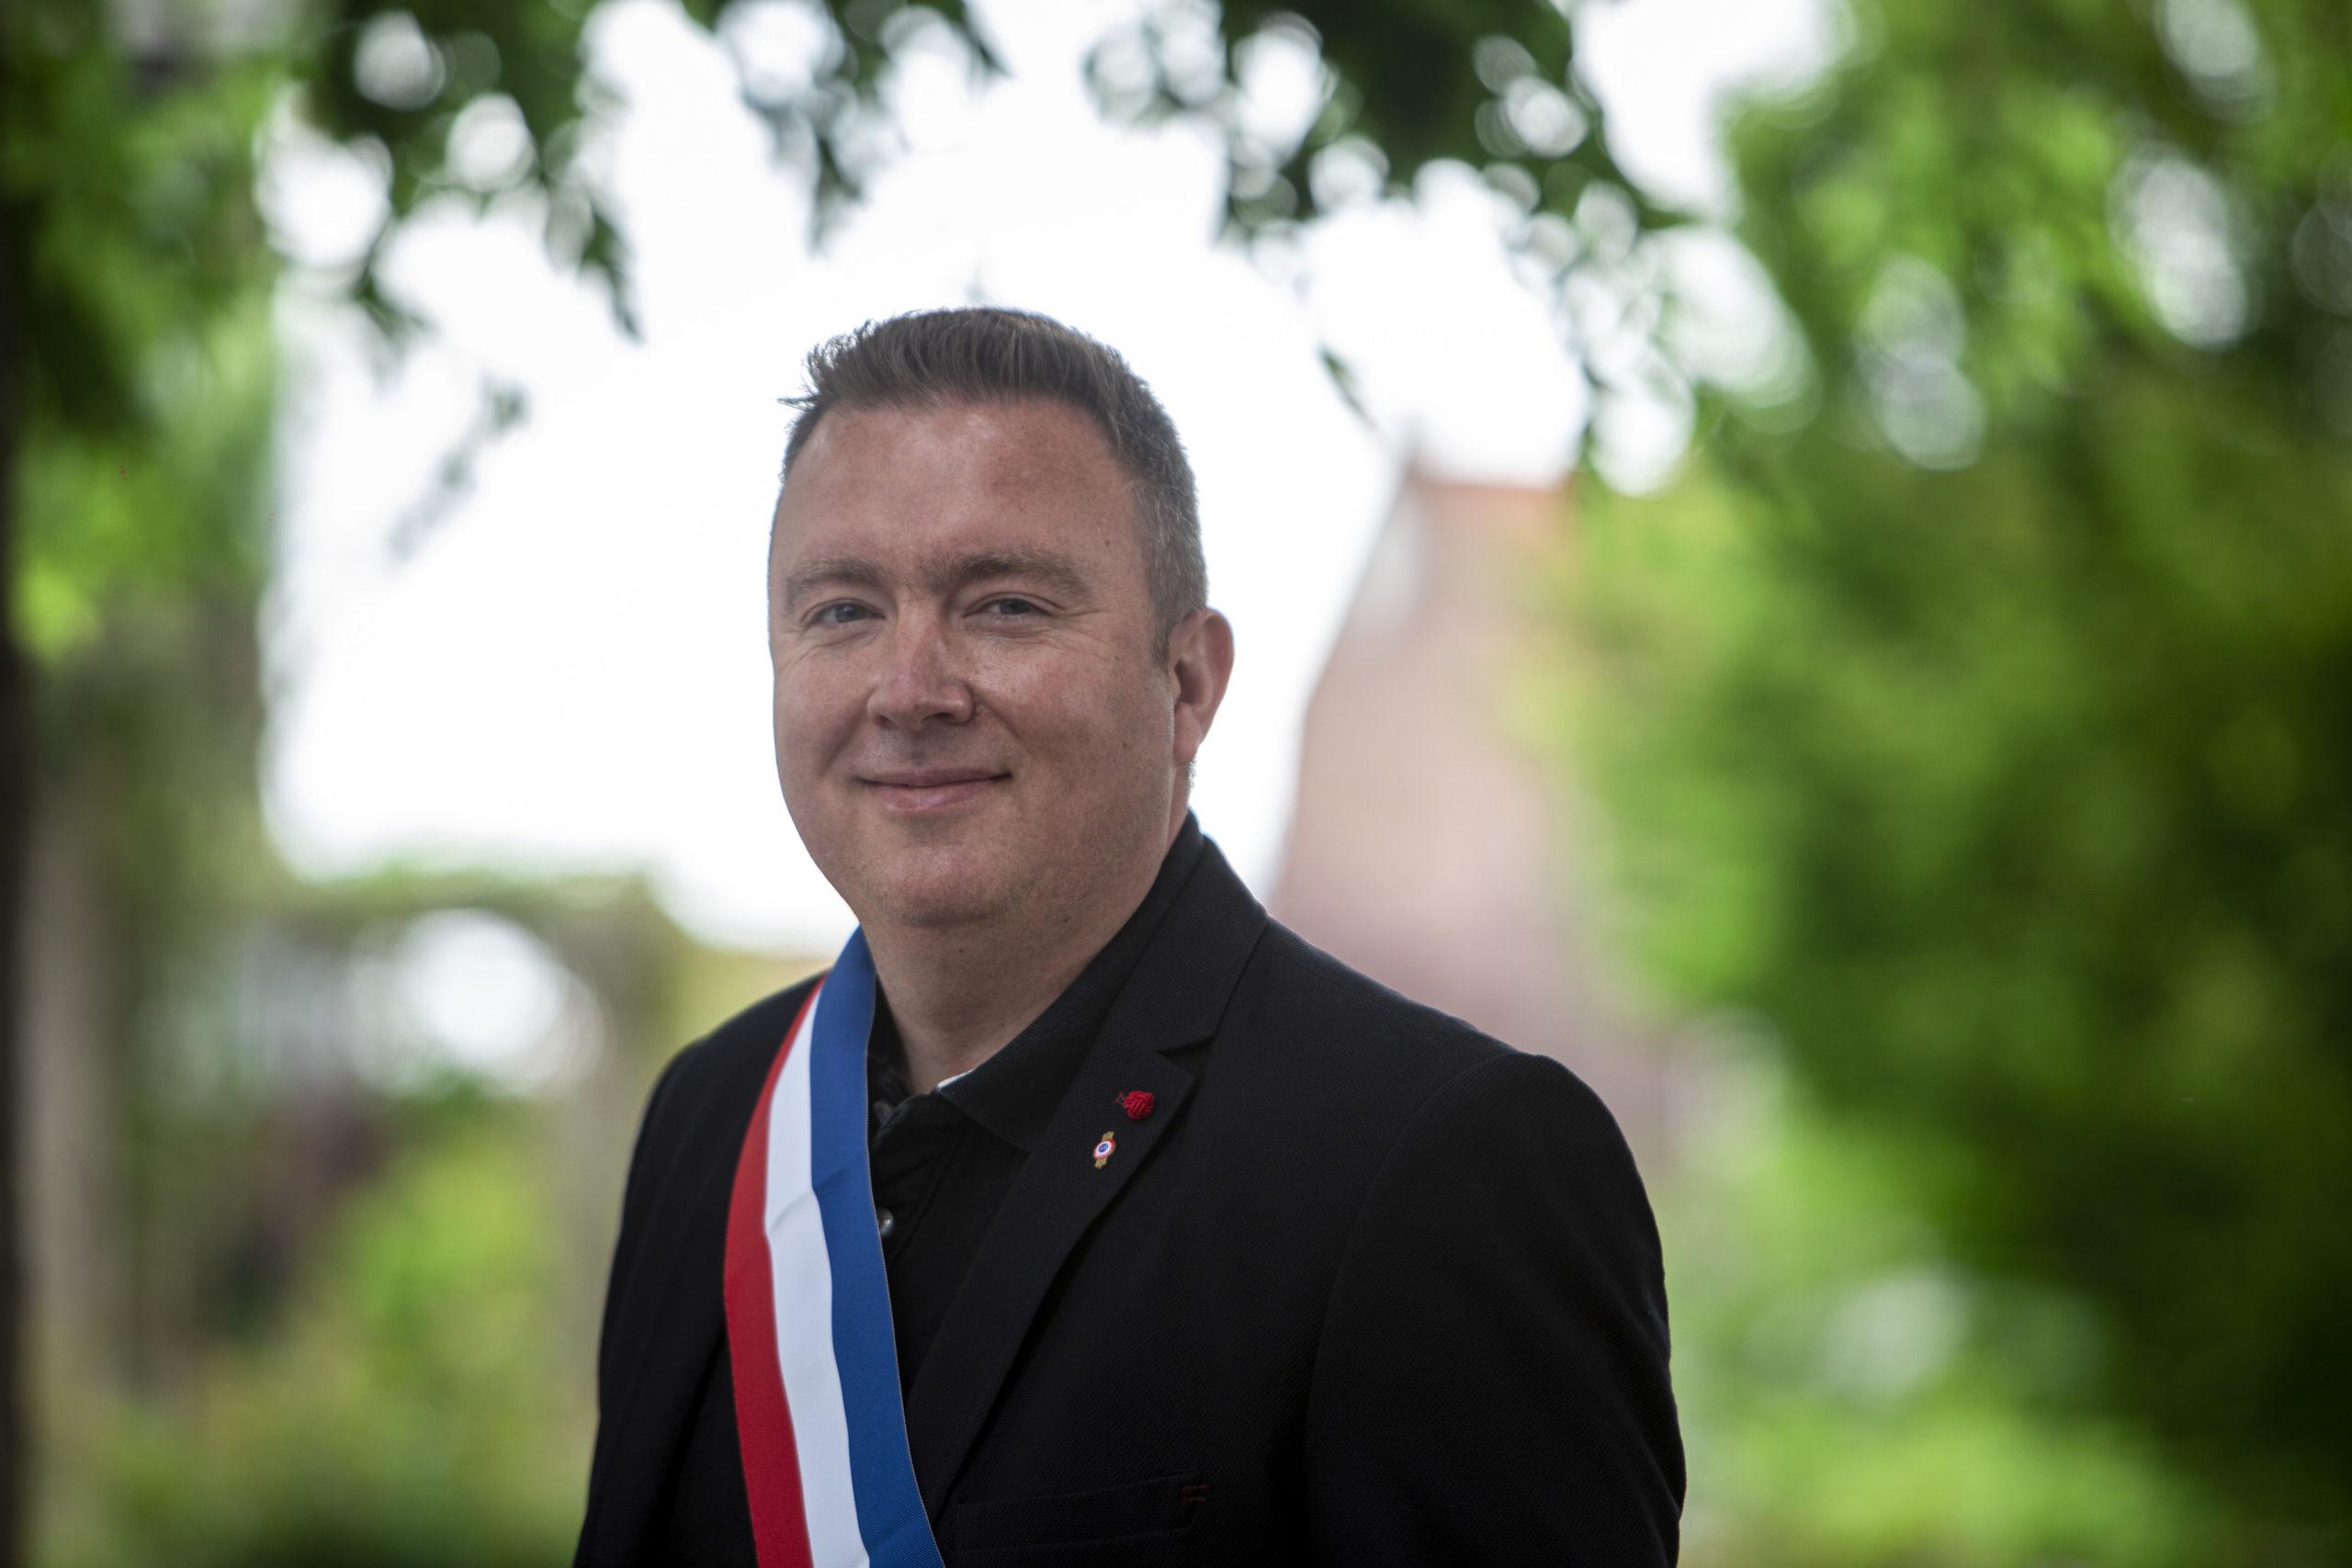 Christophe HALLAERT